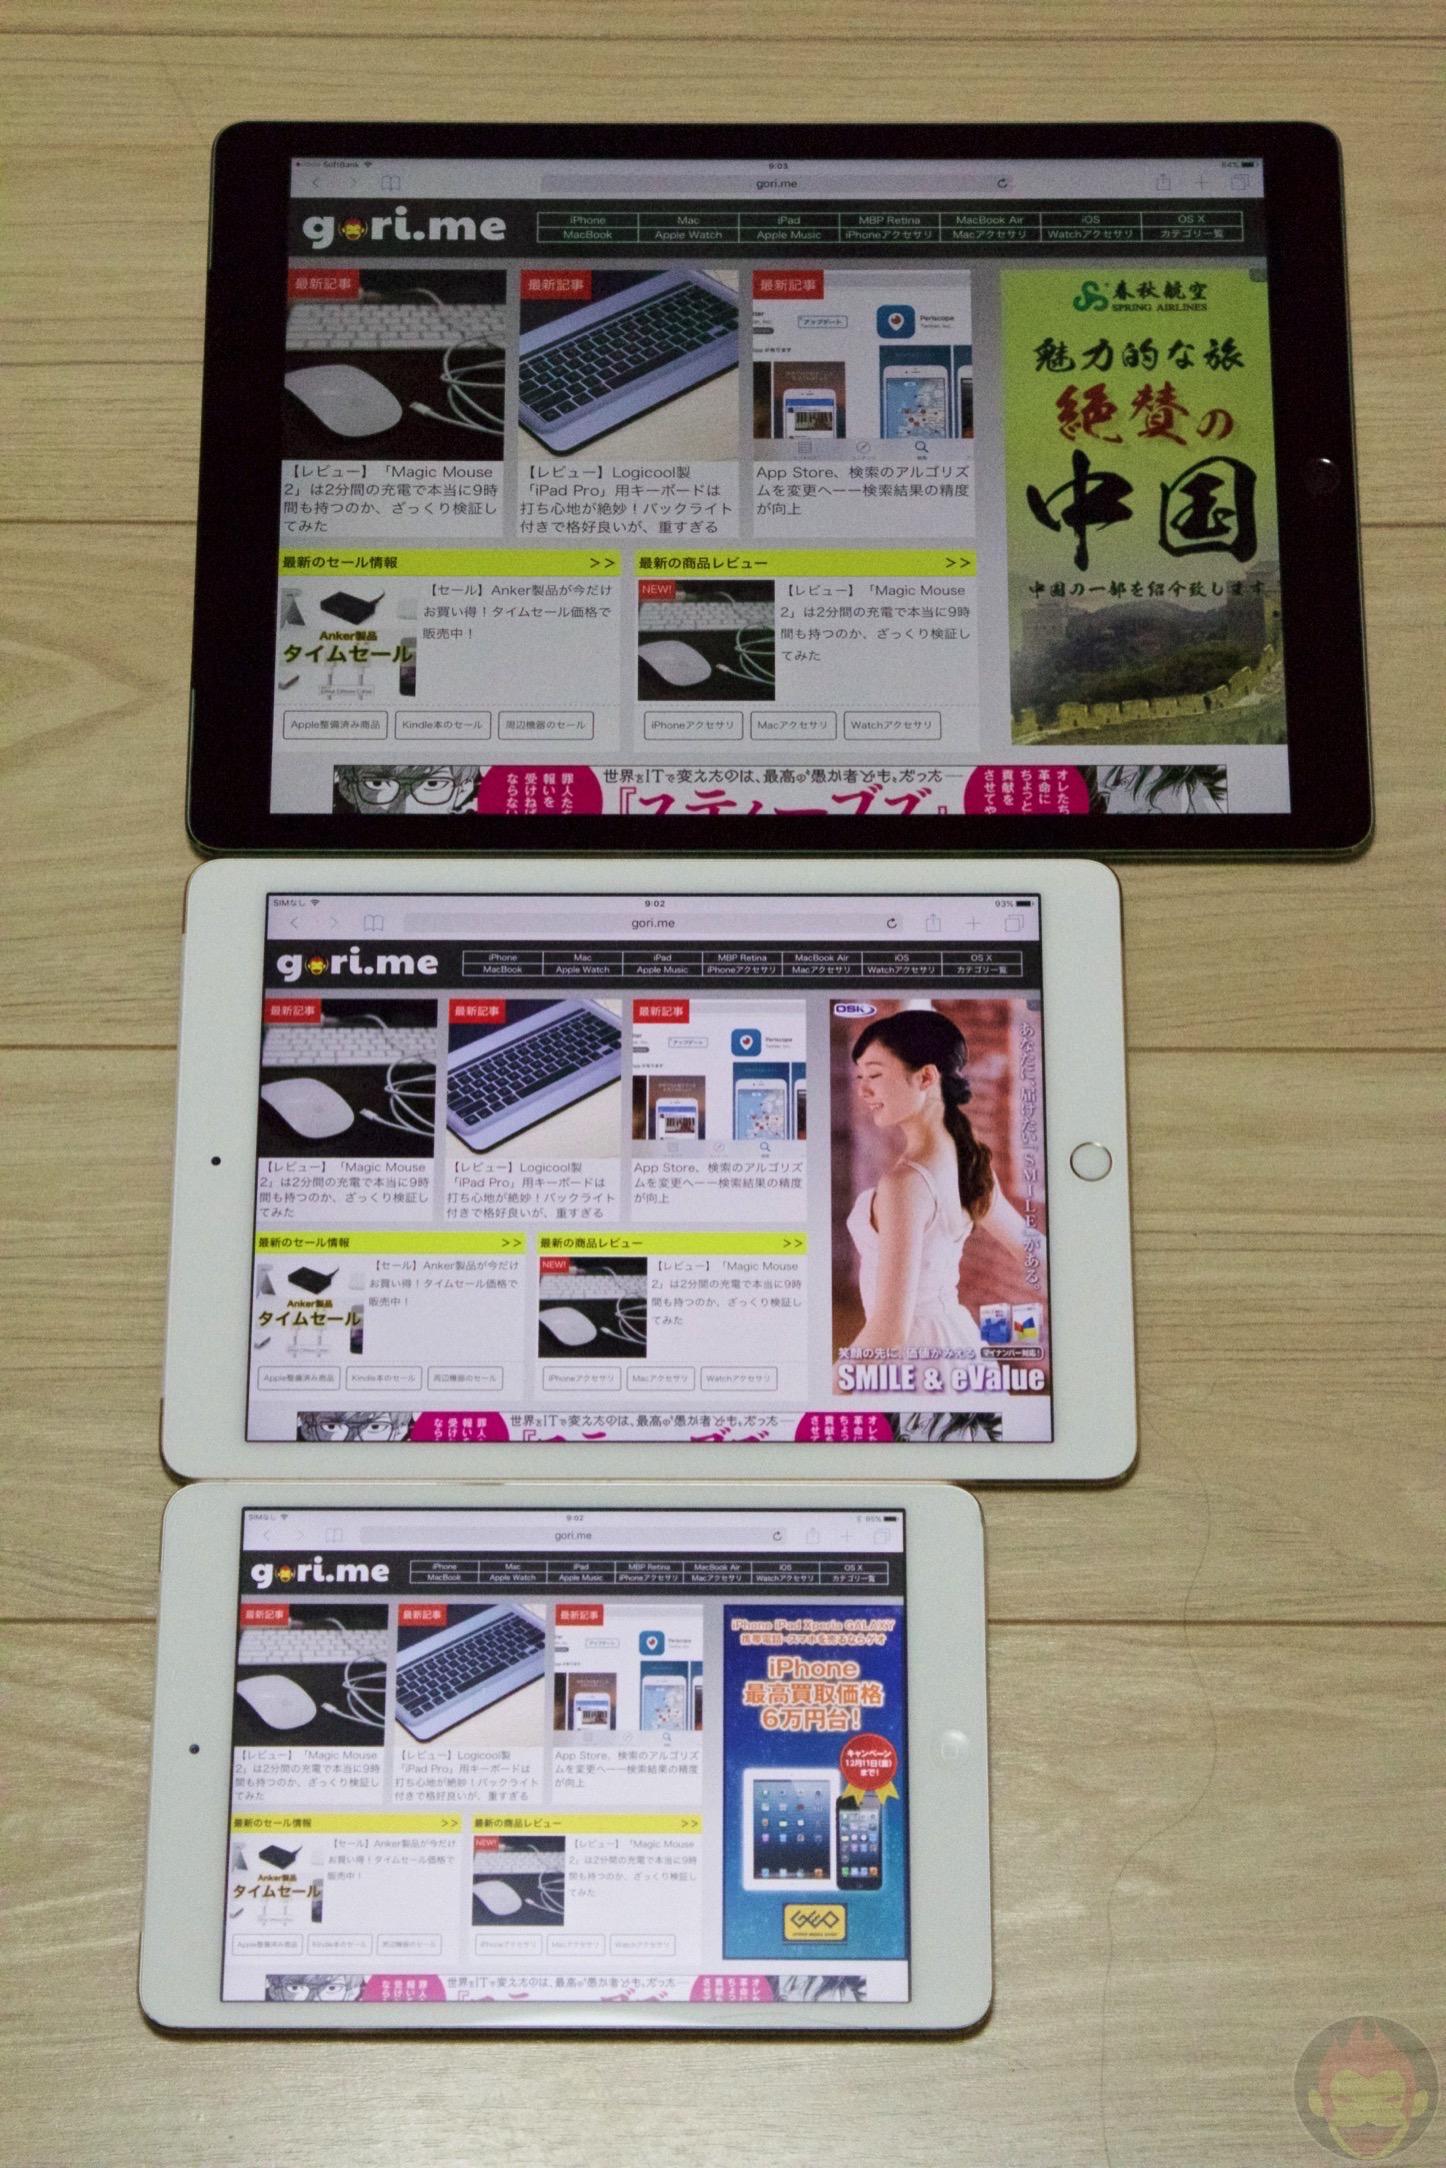 IPad Pro Air2 mini2 Comparison